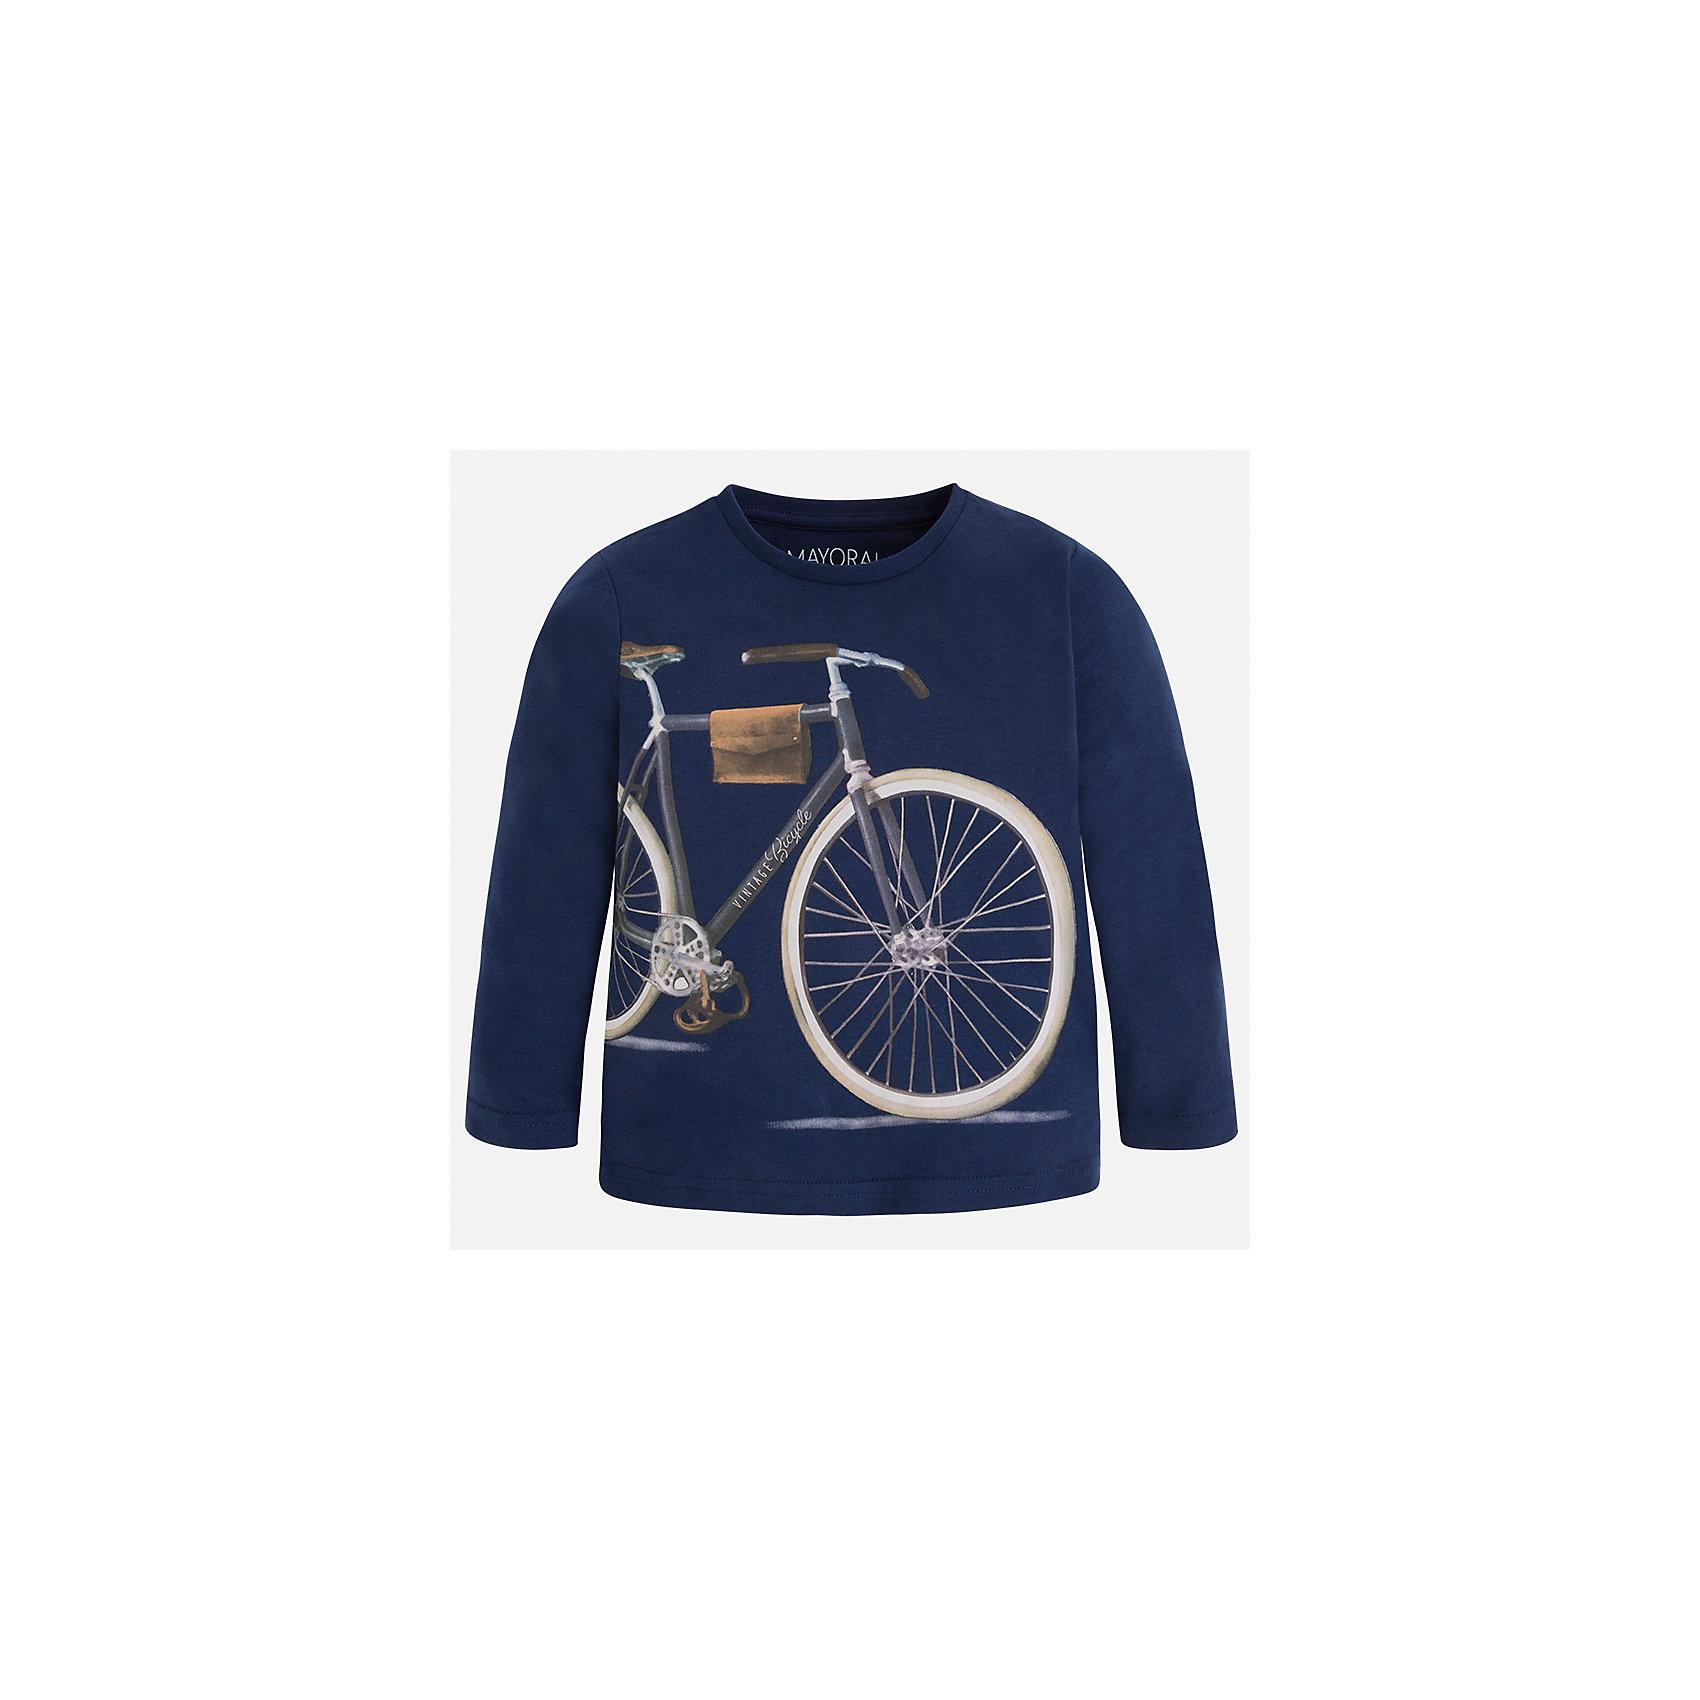 Футболка с длинным рукавом для мальчика MayoralФутболки с длинным рукавом<br>Характеристики товара:<br><br>• цвет: синий<br>• состав: 100% хлопок<br>• круглый горловой вырез<br>• декорирована принтом<br>• длинные рукава<br>• отделка горловины<br>• страна бренда: Испания<br><br>Удобная модная футболка с принтом поможет разнообразить гардероб мальчика. Она отлично сочетается с брюками, шортами, джинсами. Универсальный крой и цвет позволяет подобрать к вещи низ разных расцветок. Практичное и стильное изделие! Хорошо смотрится и комфортно сидит на детях. В составе материала - только натуральный хлопок, гипоаллергенный, приятный на ощупь, дышащий. <br><br>Одежда, обувь и аксессуары от испанского бренда Mayoral полюбились детям и взрослым по всему миру. Модели этой марки - стильные и удобные. Для их производства используются только безопасные, качественные материалы и фурнитура. Порадуйте ребенка модными и красивыми вещами от Mayoral! <br><br>Футболку с длинным рукавом для мальчика от испанского бренда Mayoral (Майорал) можно купить в нашем интернет-магазине.<br><br>Ширина мм: 230<br>Глубина мм: 40<br>Высота мм: 220<br>Вес г: 250<br>Цвет: синий<br>Возраст от месяцев: 24<br>Возраст до месяцев: 36<br>Пол: Мужской<br>Возраст: Детский<br>Размер: 98,92,110,128,122,116,104,134<br>SKU: 5280228